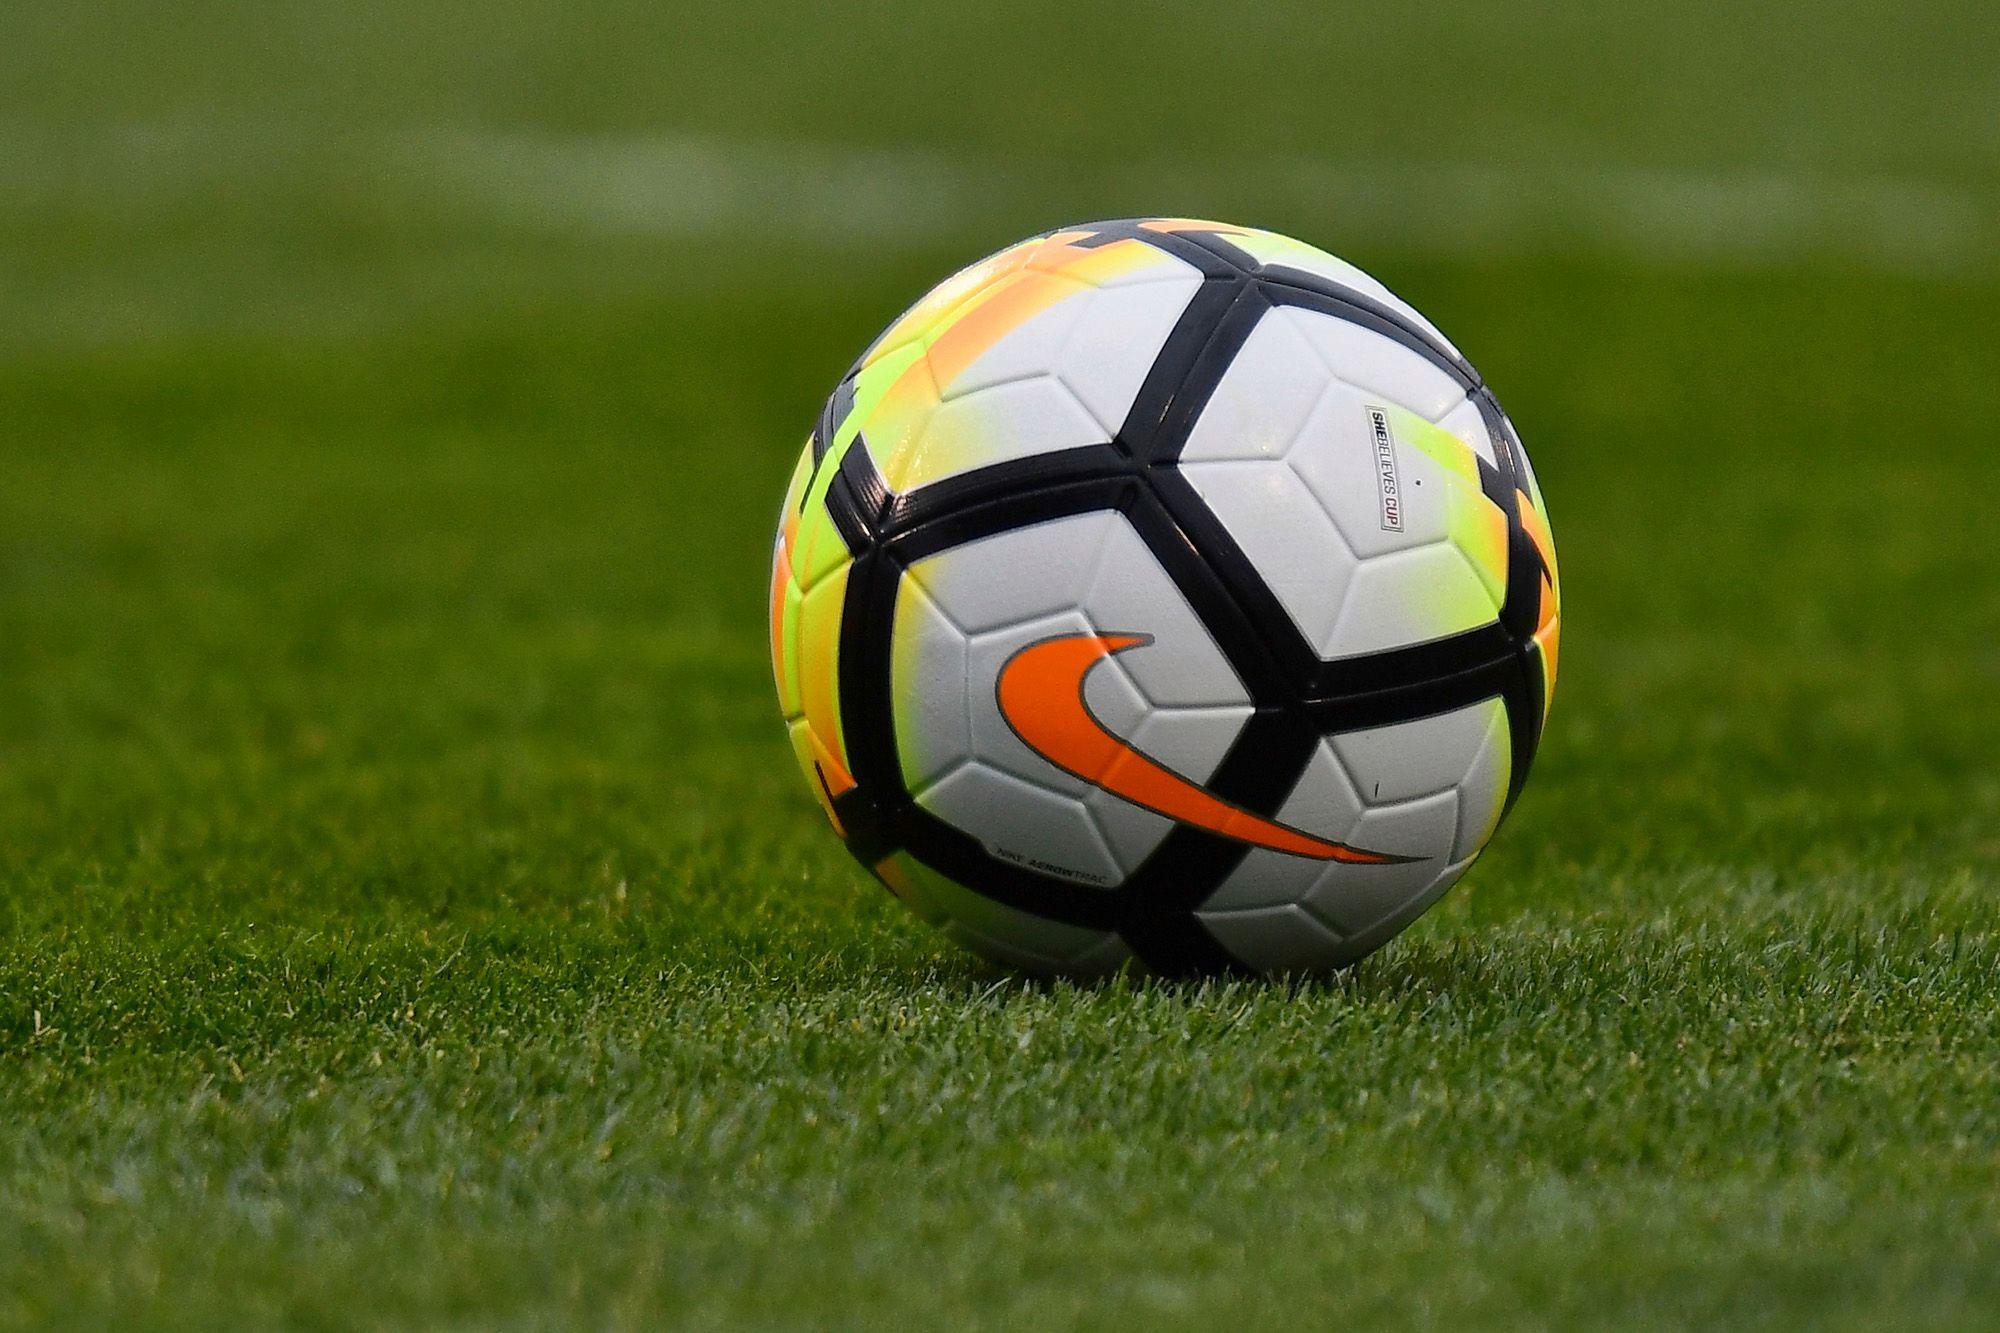 Clyde Football Agency